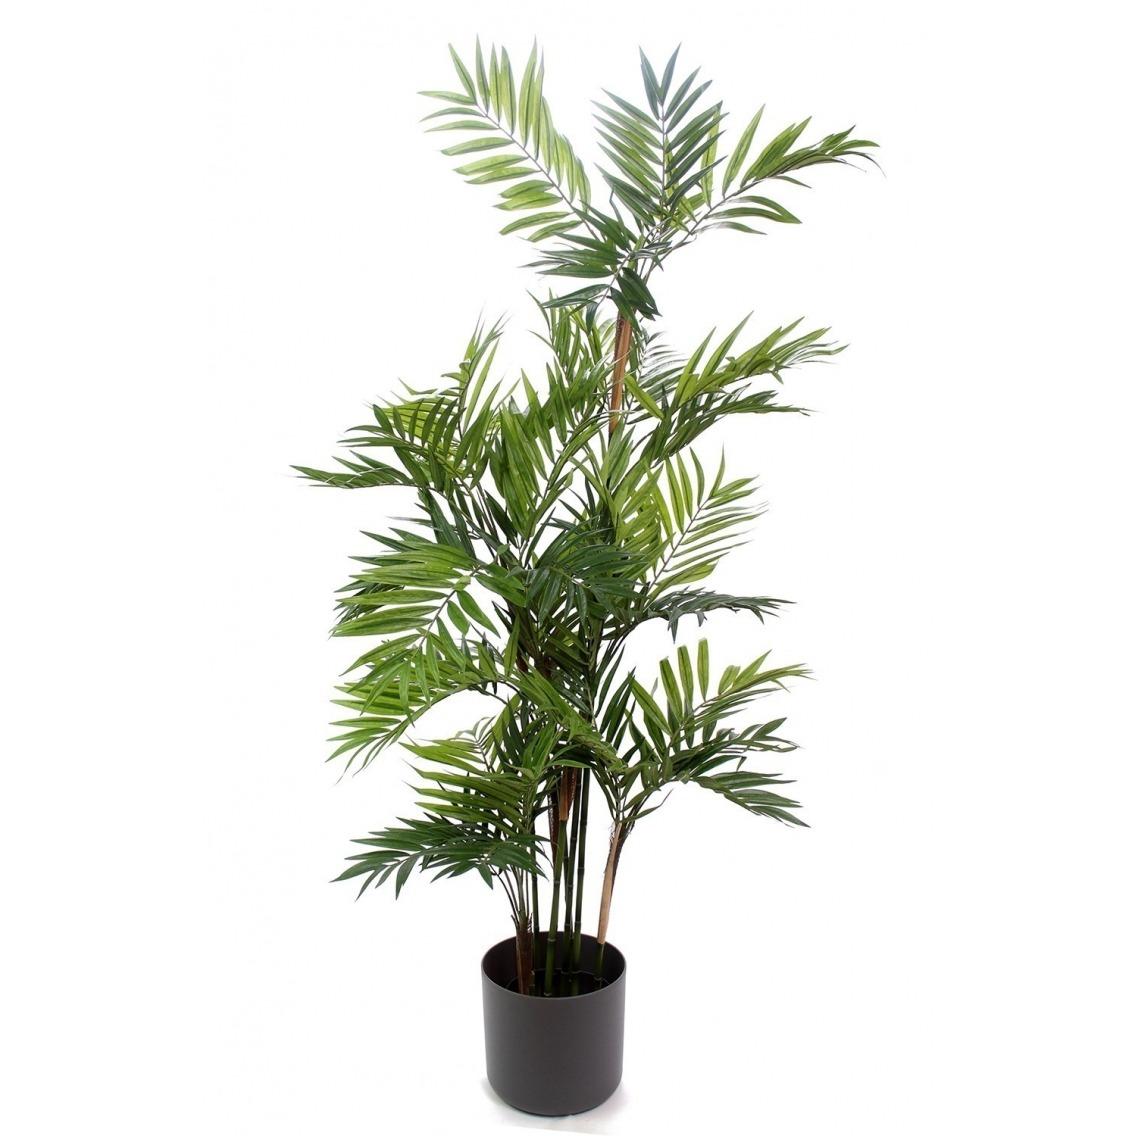 Palmier bambou artificiel